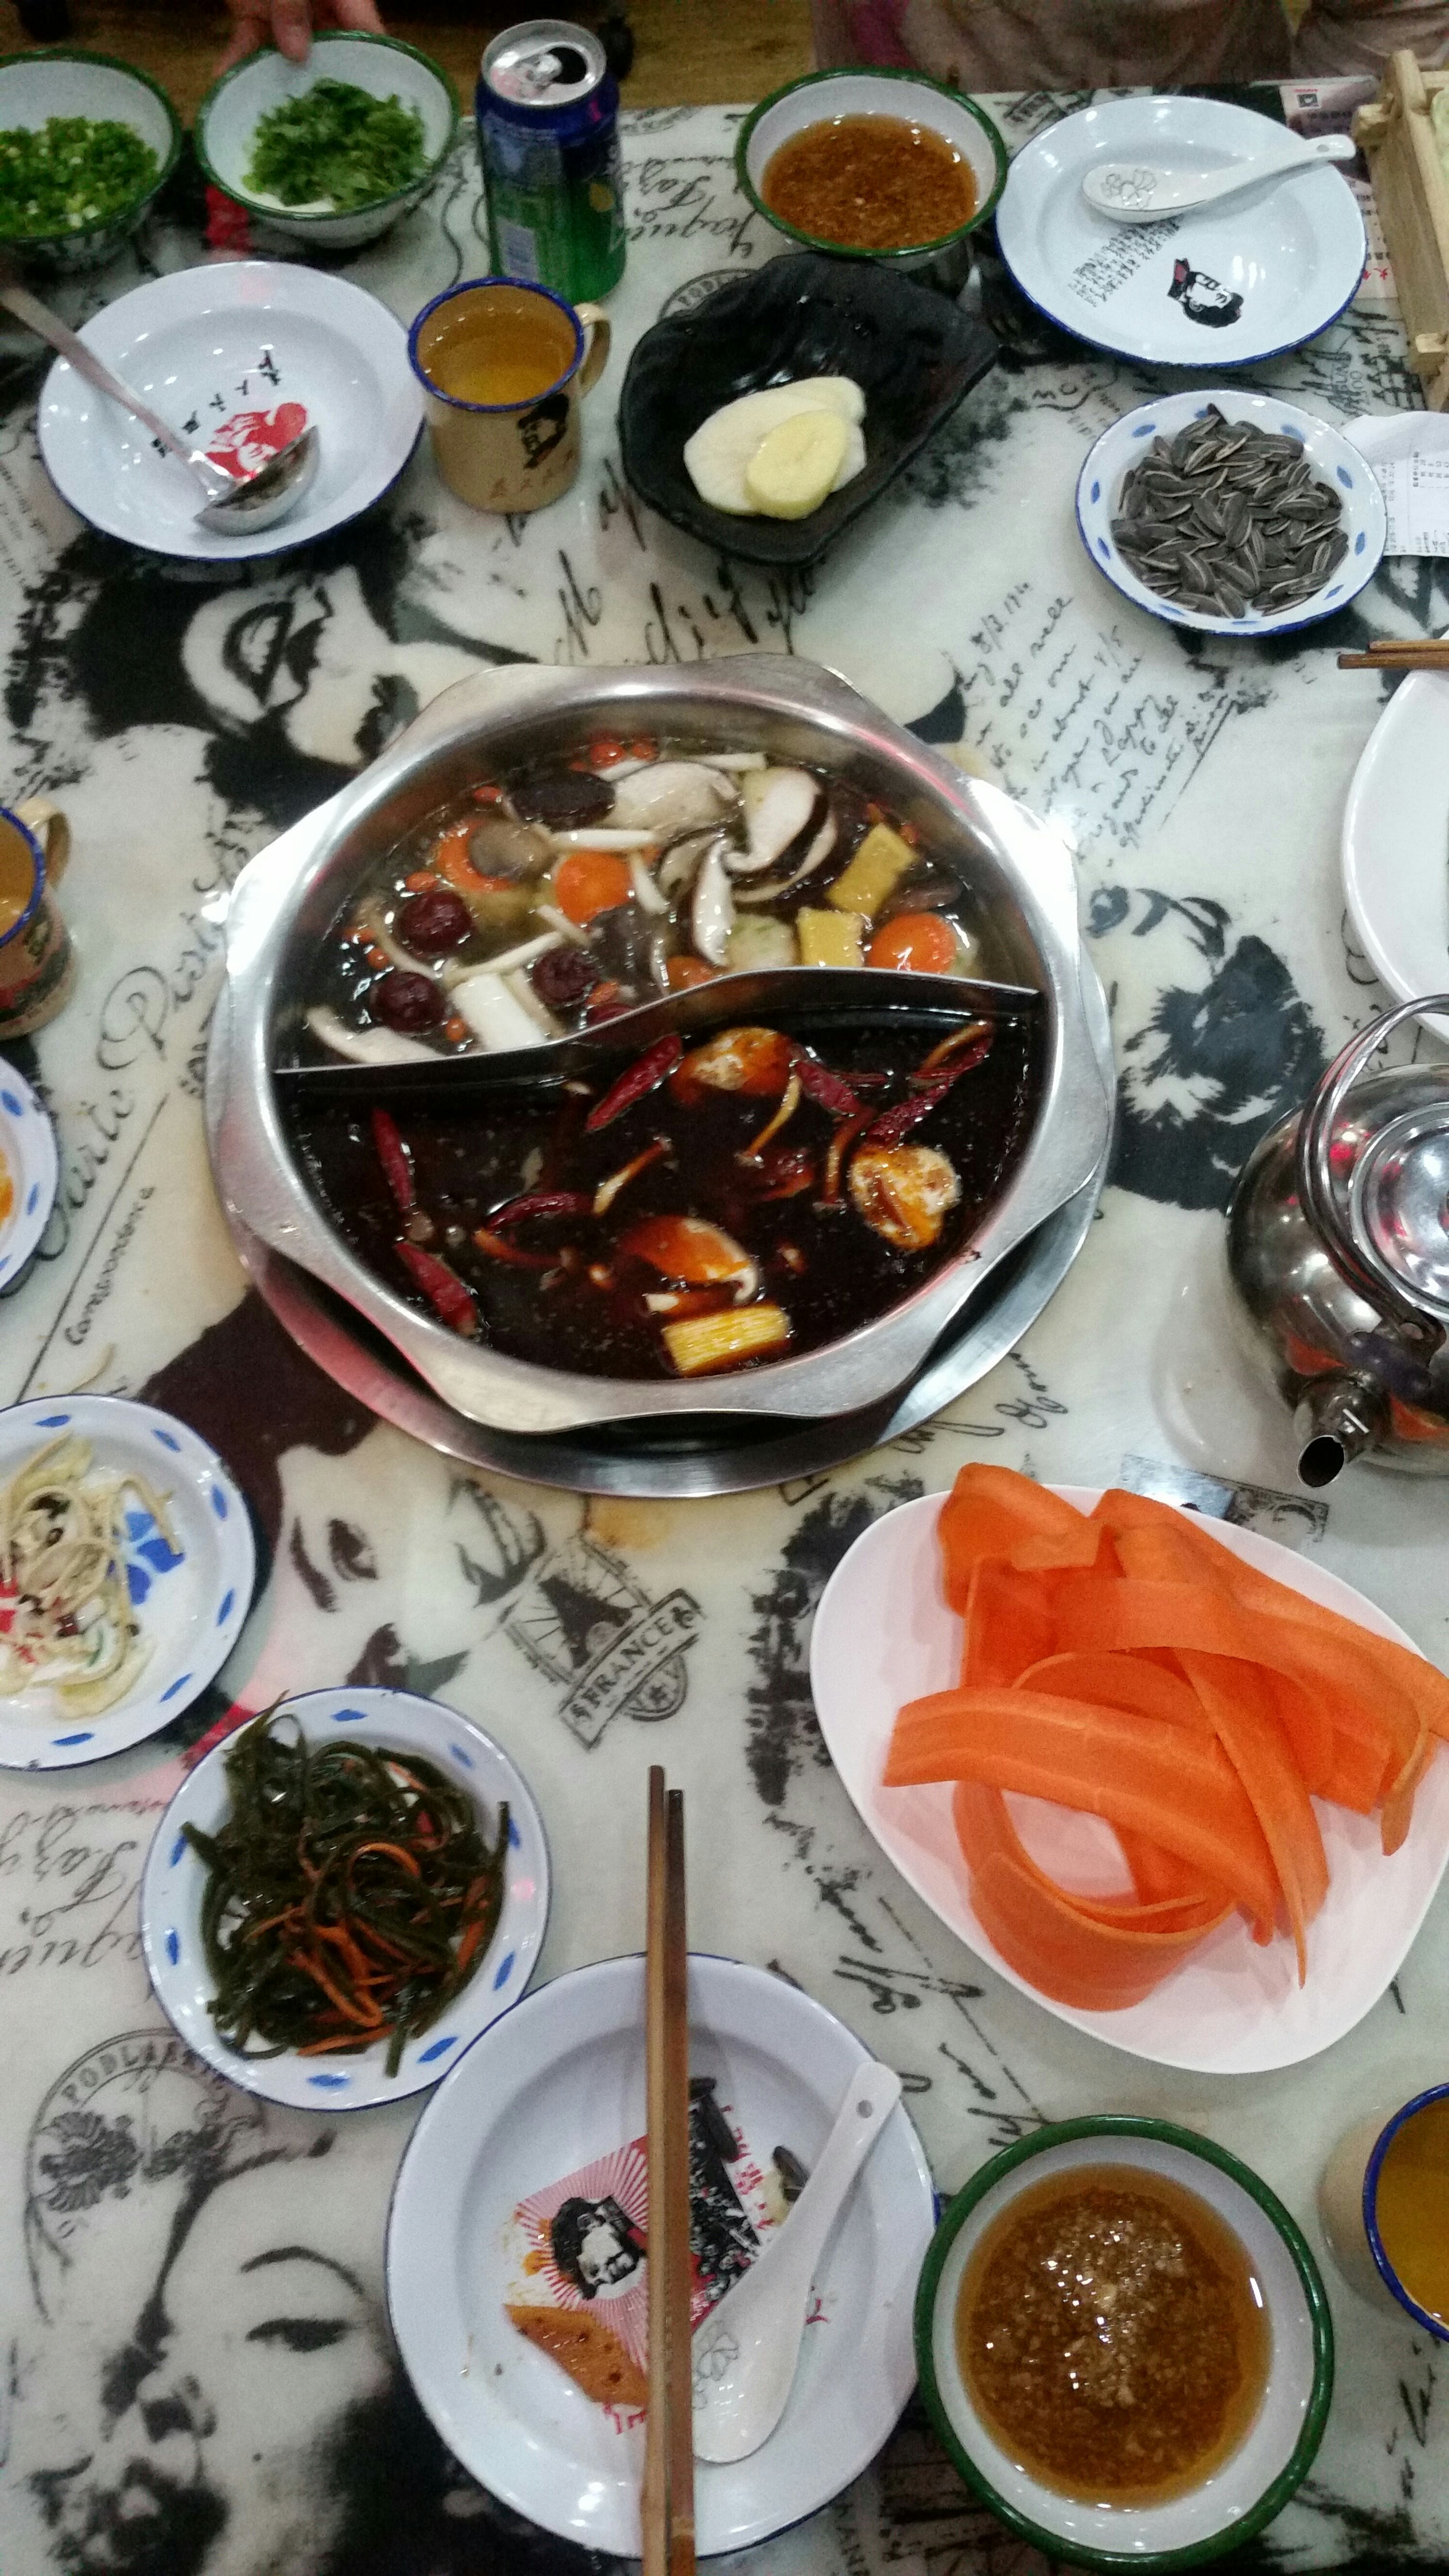 Hot Pot Restaurant in Beijing